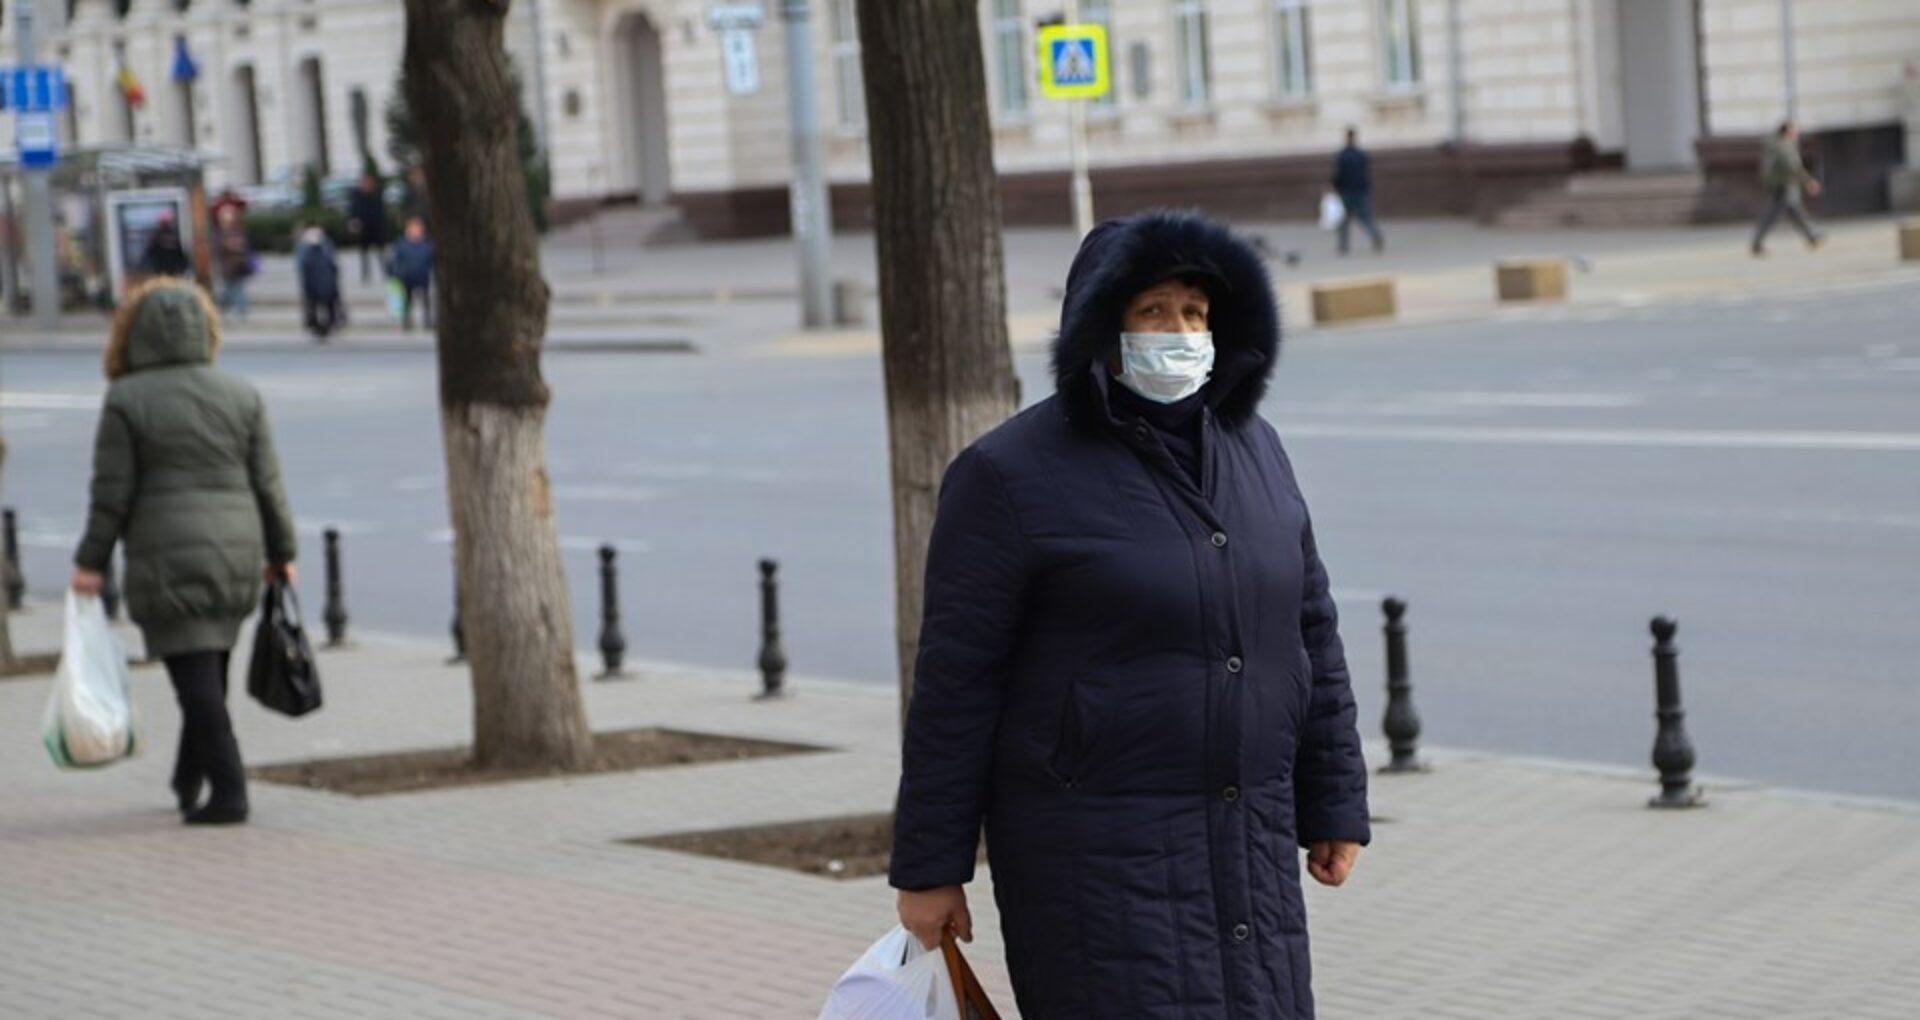 ULTIMA ORĂ/ Comisia pentru Situații Excepționale a decis instituirea unui regim special de circulație a persoanelor în municipiile Chișinău și Bălți